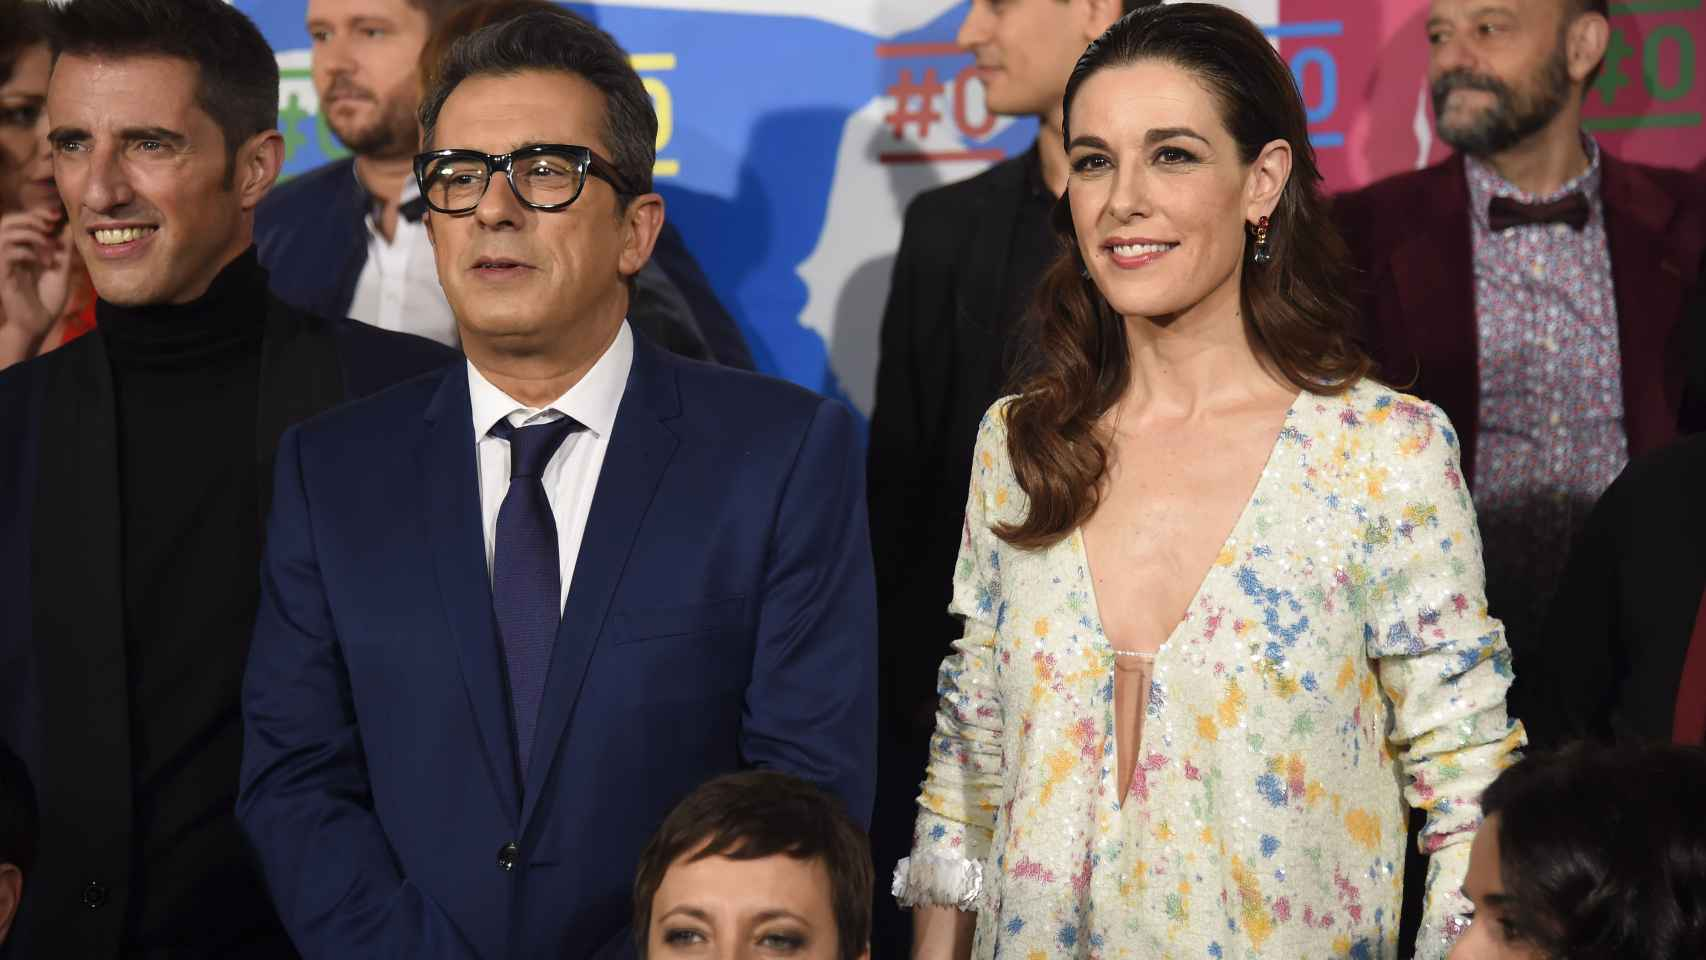 Buenafuente y Sánchez Silva, los presentadores de la gala del Canal #0 de Movistar